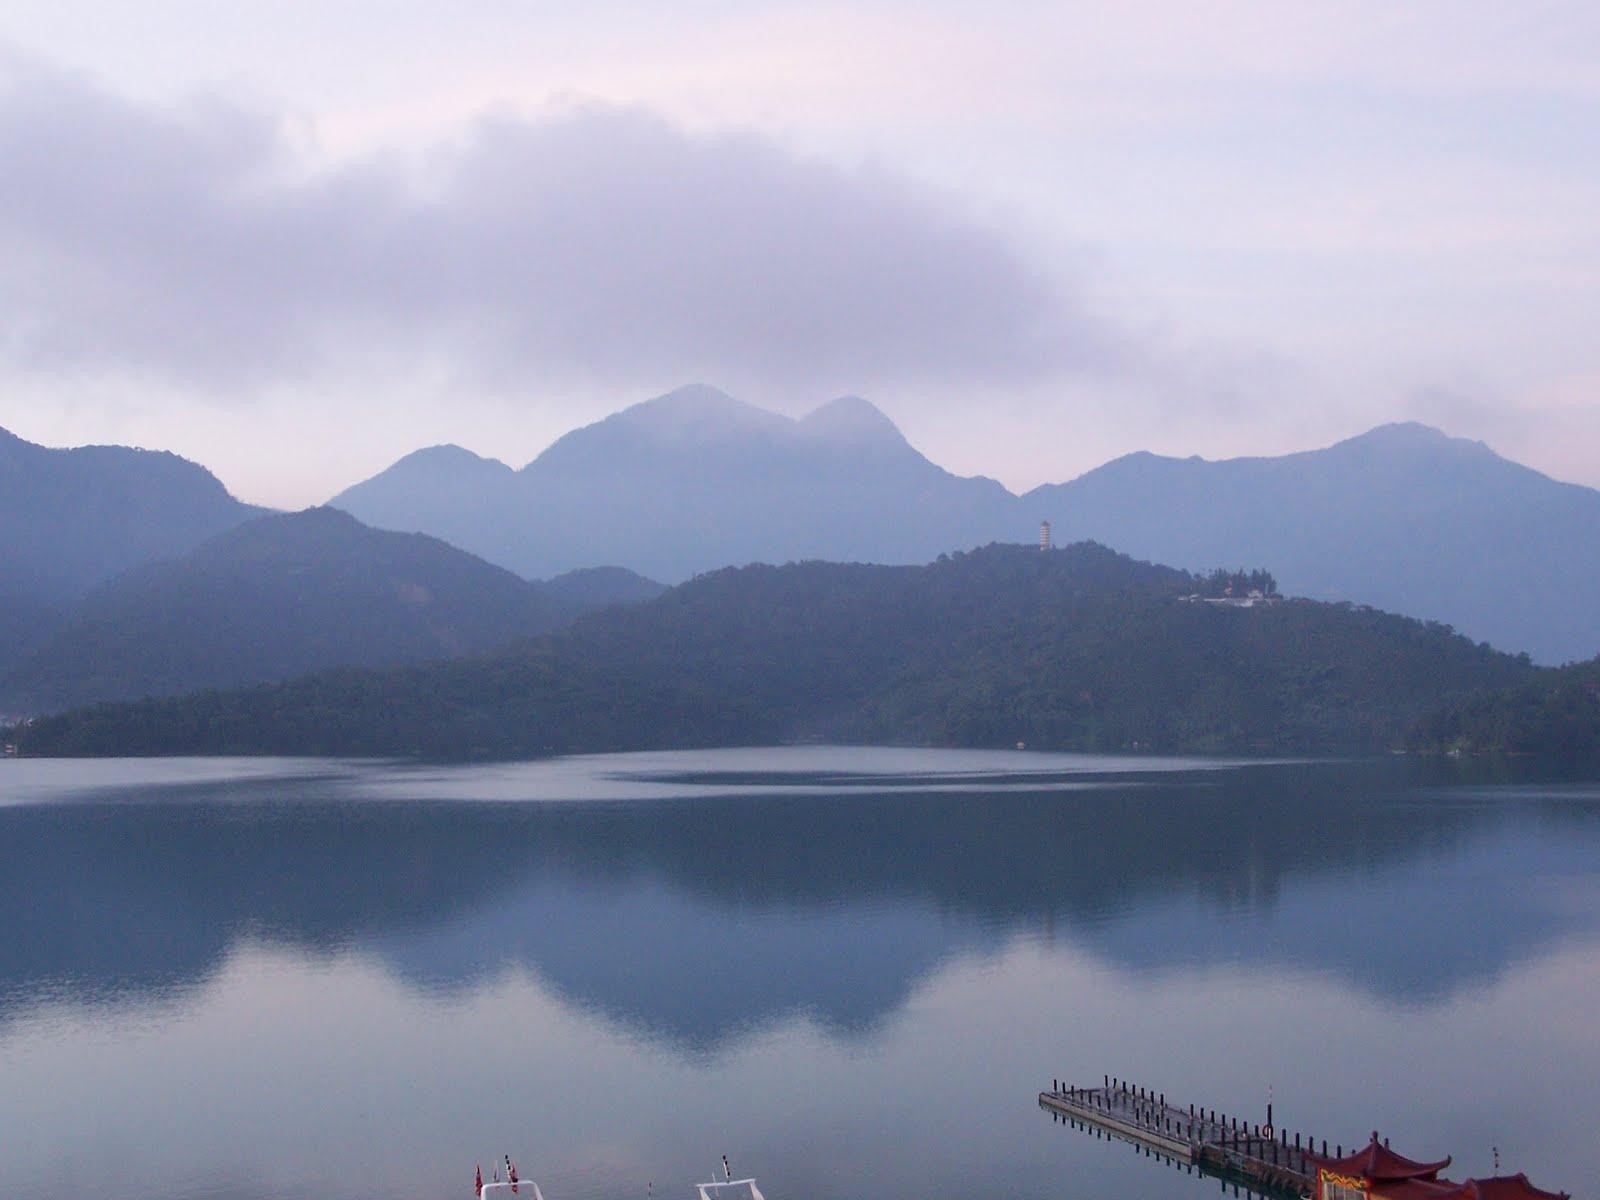 http://3.bp.blogspot.com/-RJTubN69xY0/Thwp2wc3H3I/AAAAAAAADFY/CiJp4MyXpQk/s1600/Sun_Moon_Lake.jpg